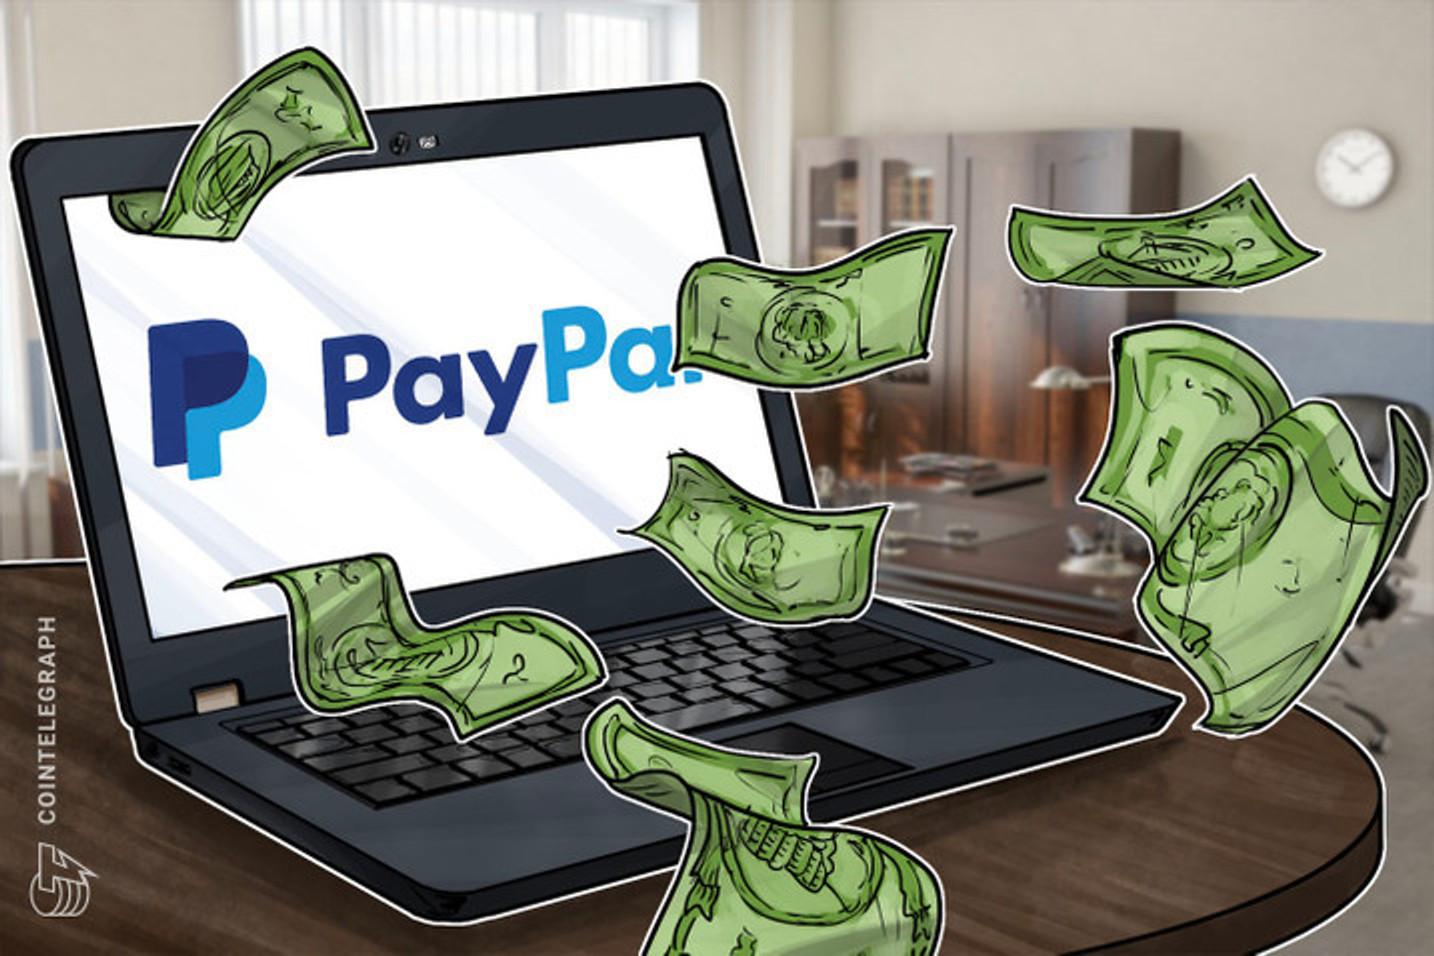 「ルビコン川を渡った」ペイパル仮想通貨参戦でビットコイン一段高